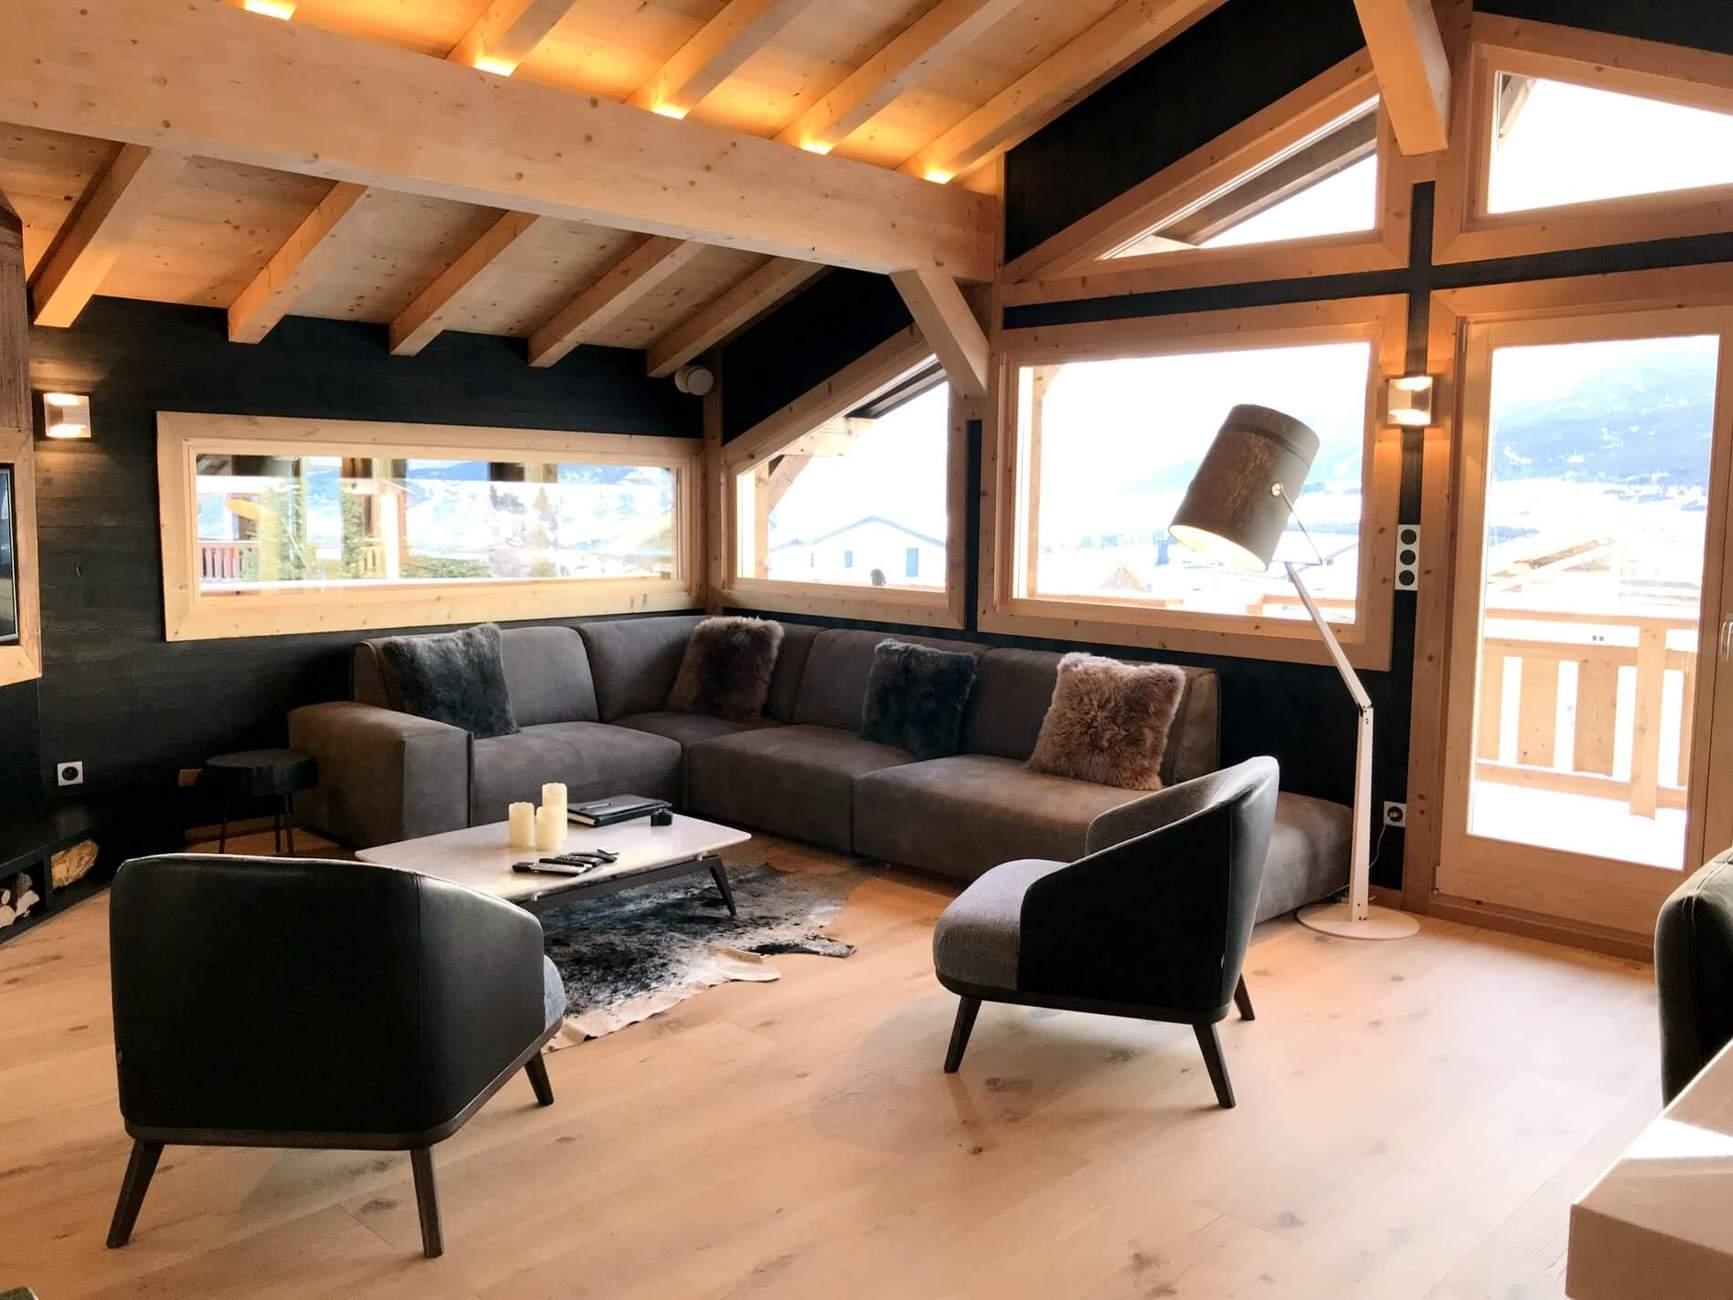 habiller un poteau dans un salon plaquette de parement en pierre naturelle multicolore pose. Black Bedroom Furniture Sets. Home Design Ideas